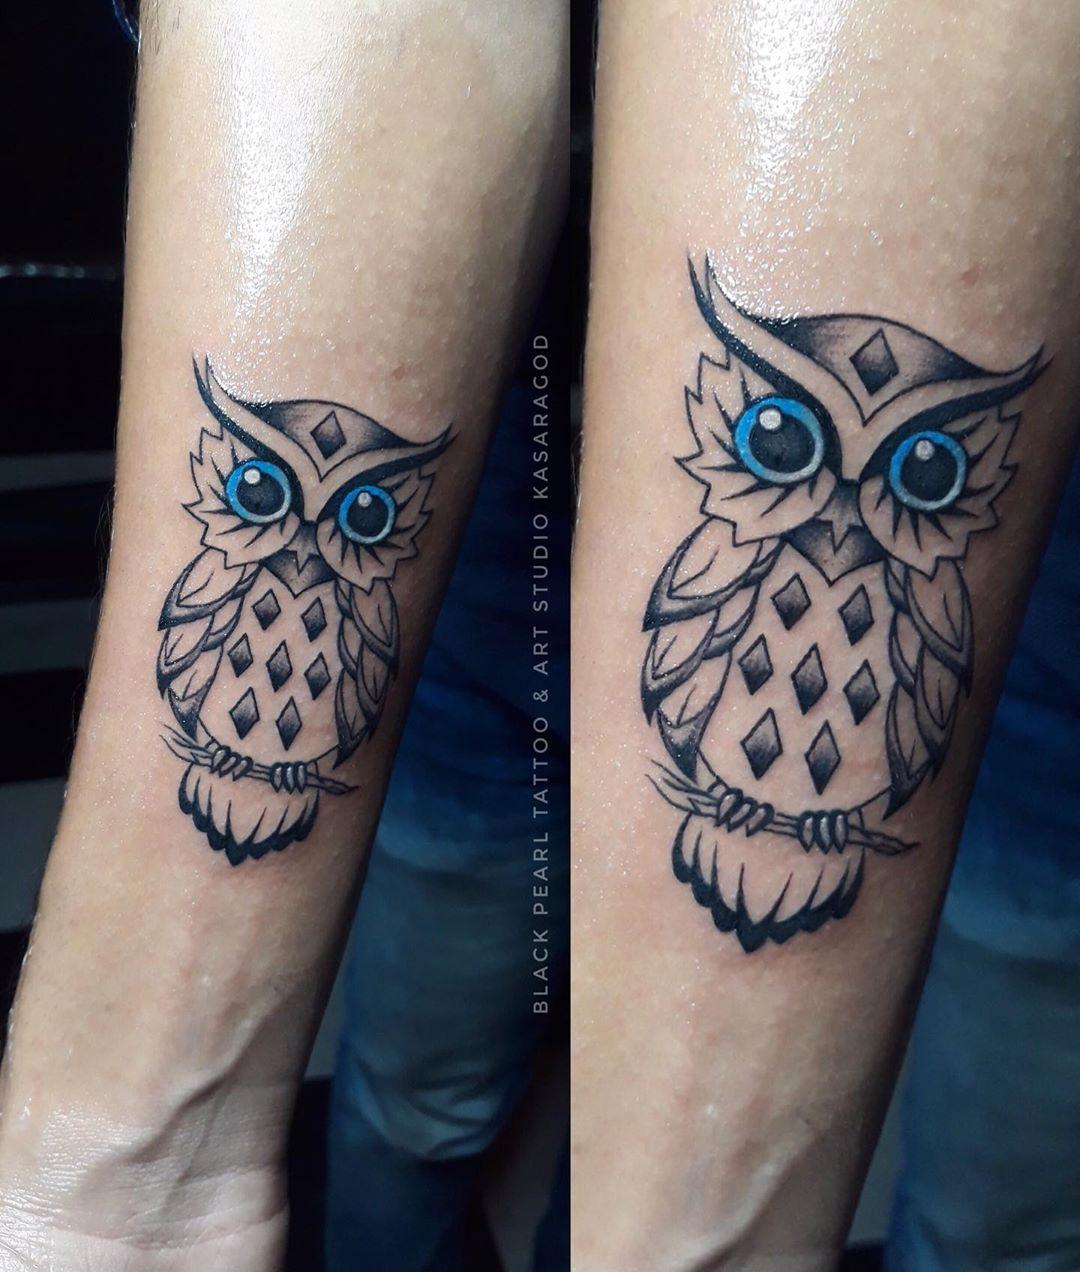 мультяшная татуировка совы на руке